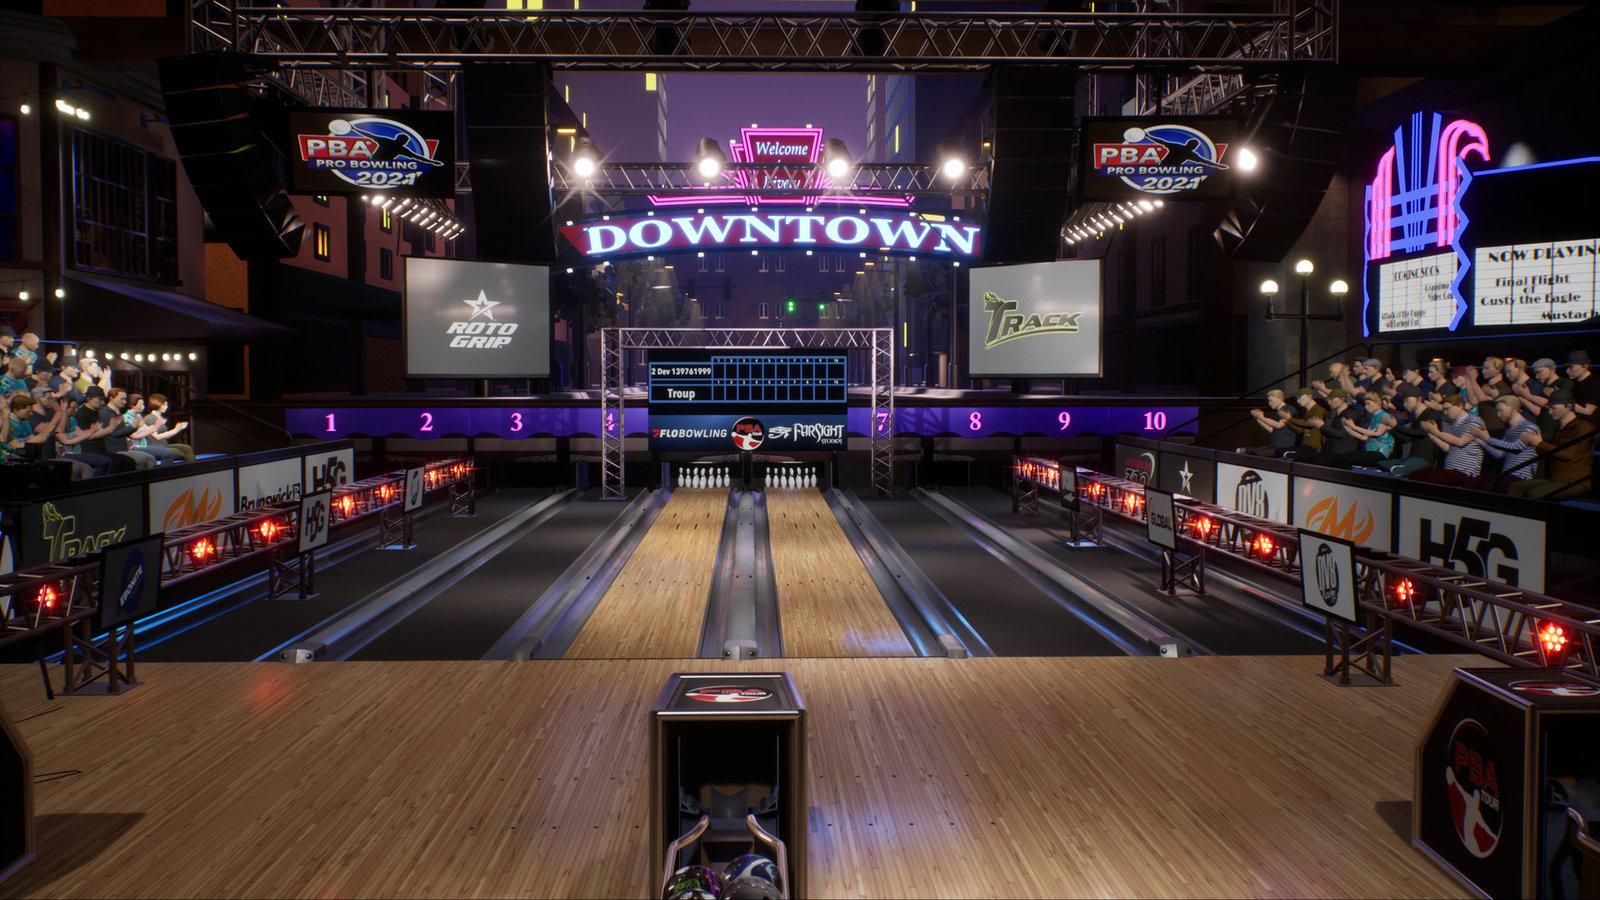 PBA Pro Bowling 2021 image 1